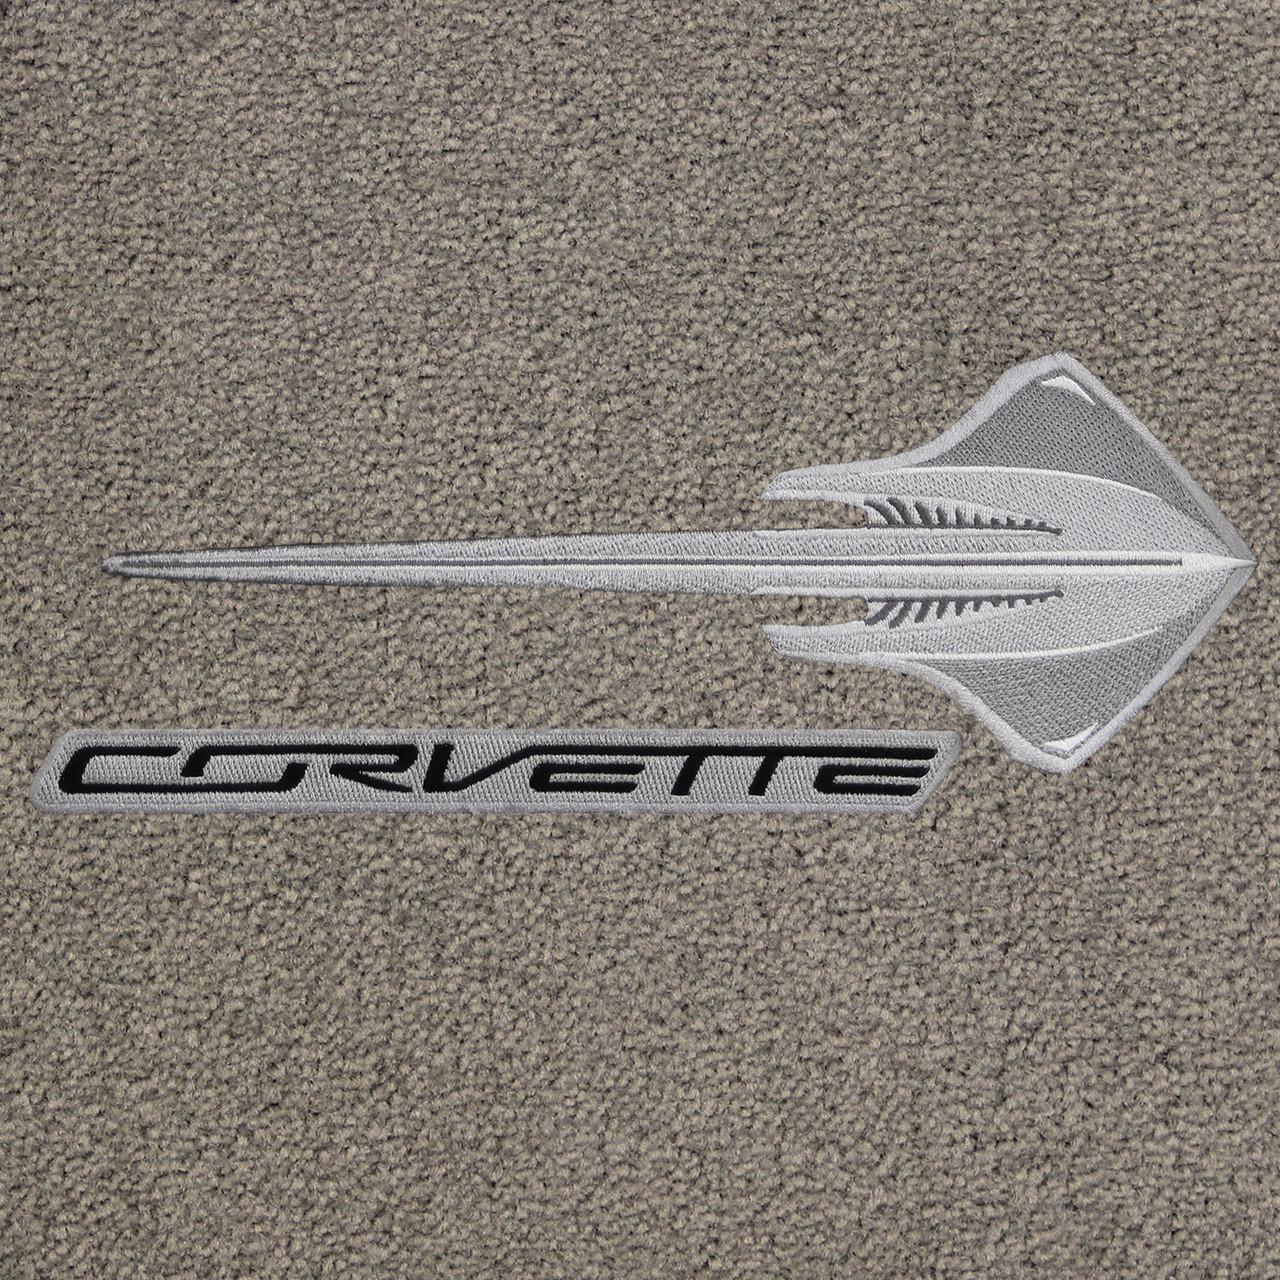 C7 Stingray Fish, Black Corvette Lettering, Graystone Mat